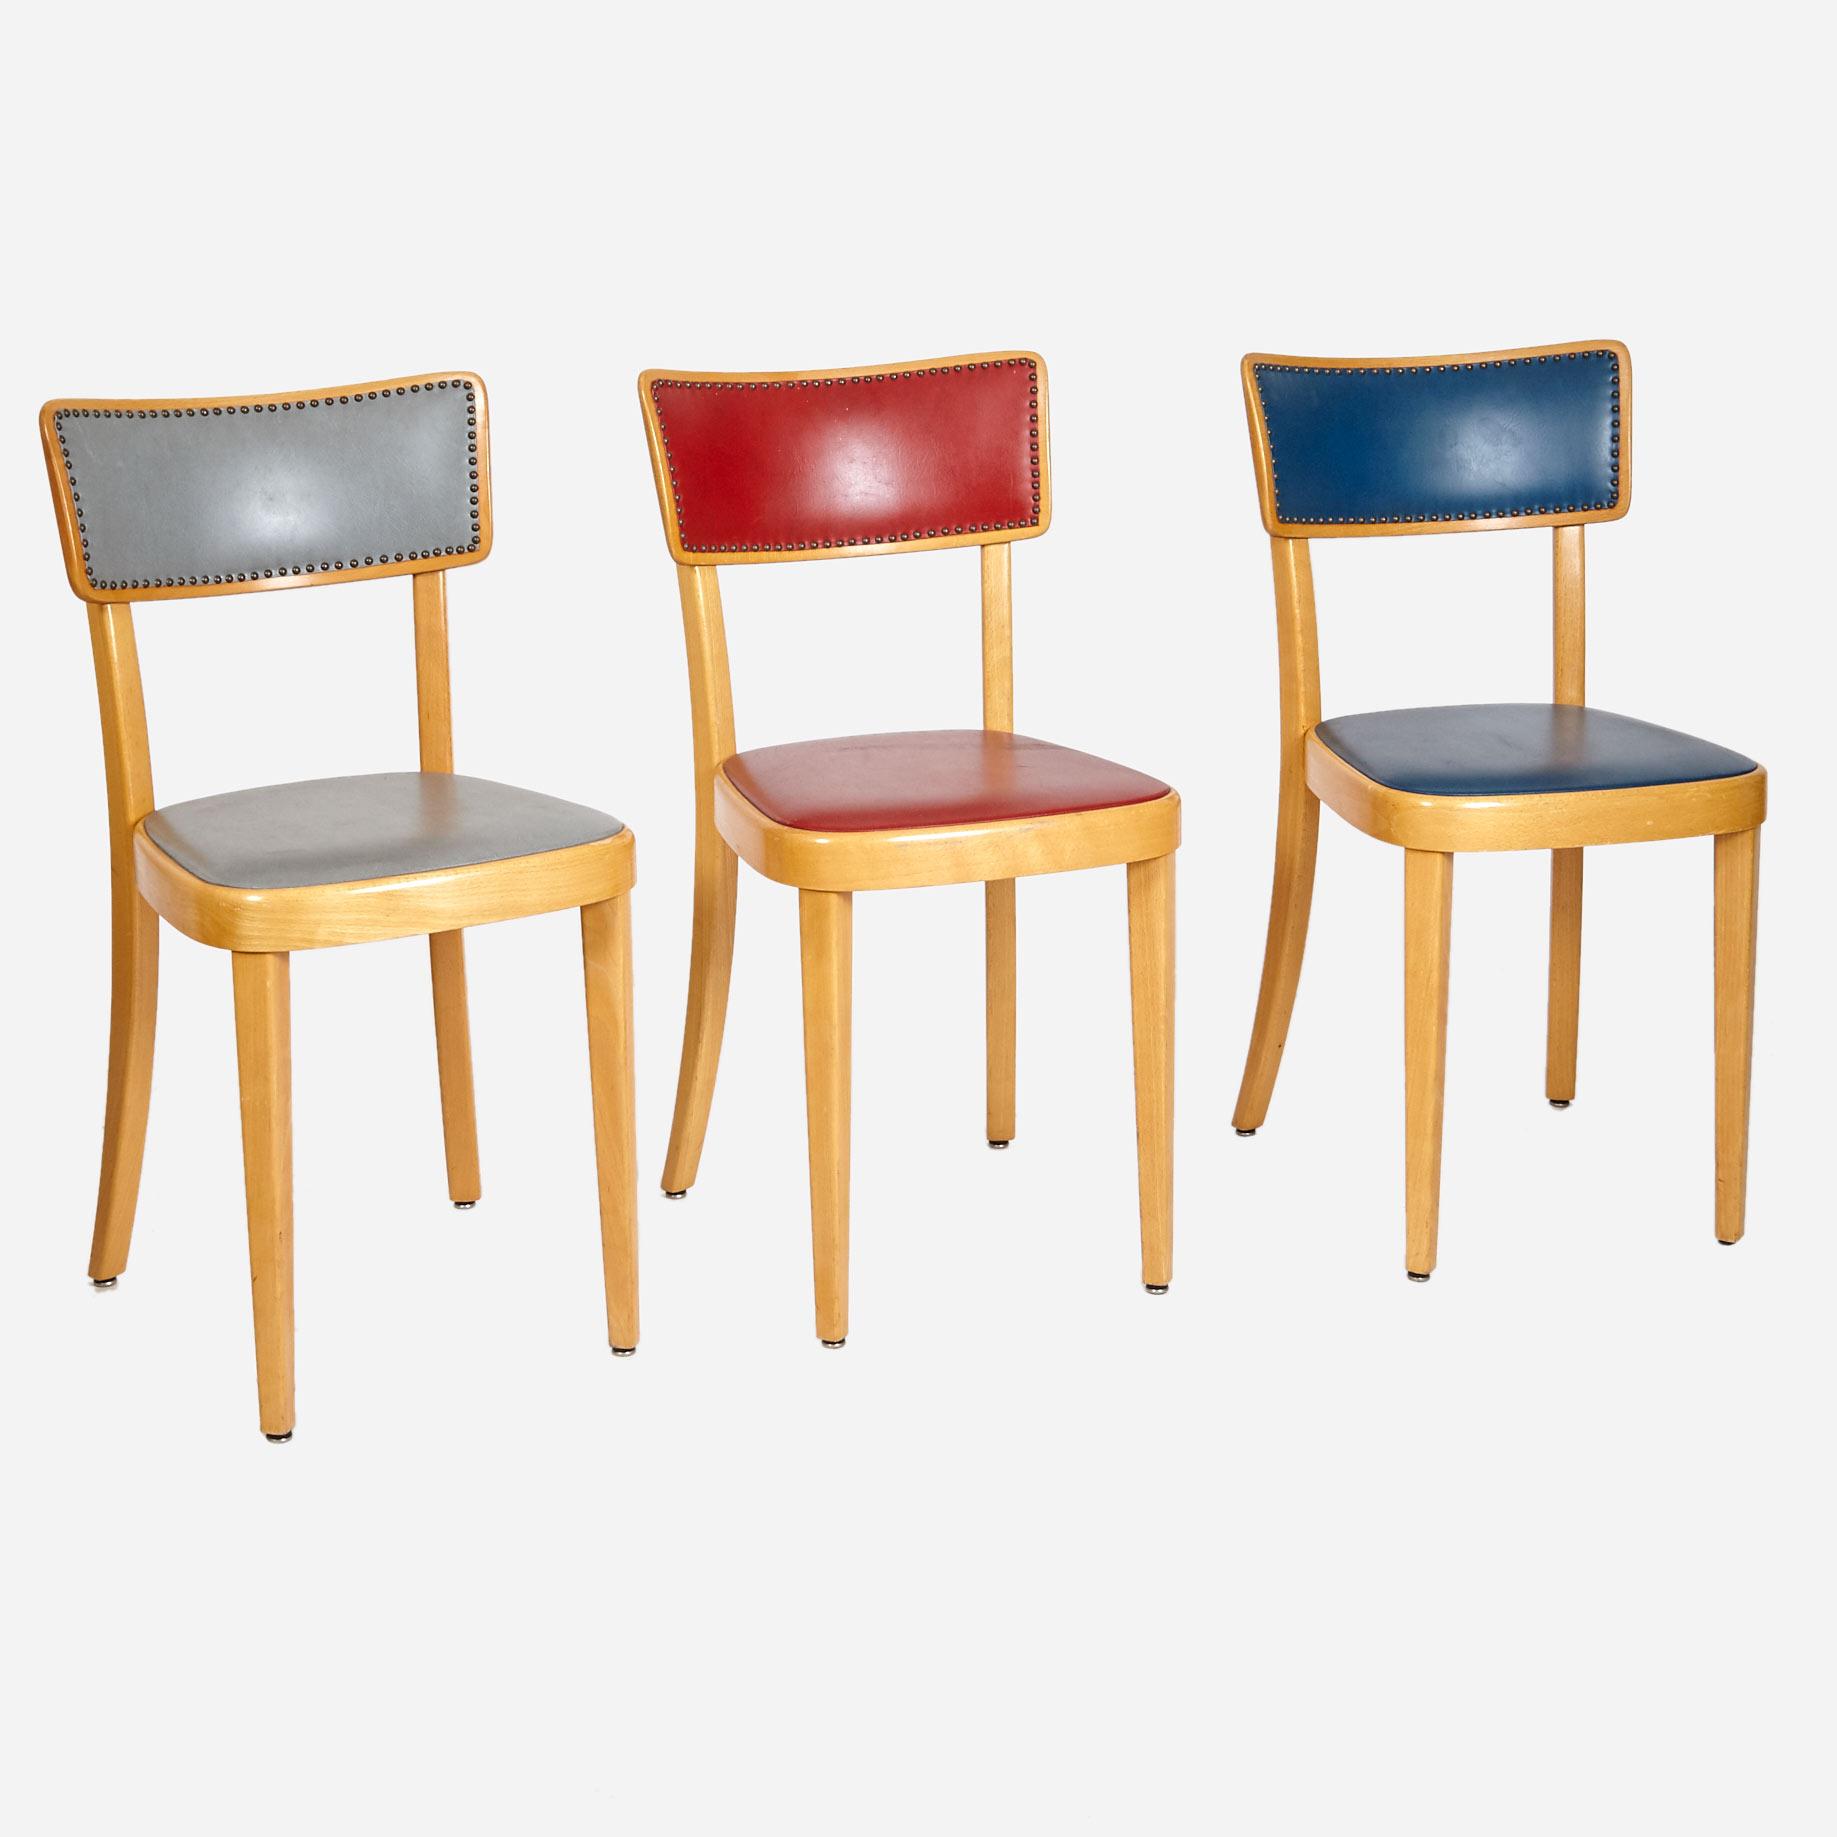 beizenst hle mit farbigen polstern m bel z rich. Black Bedroom Furniture Sets. Home Design Ideas